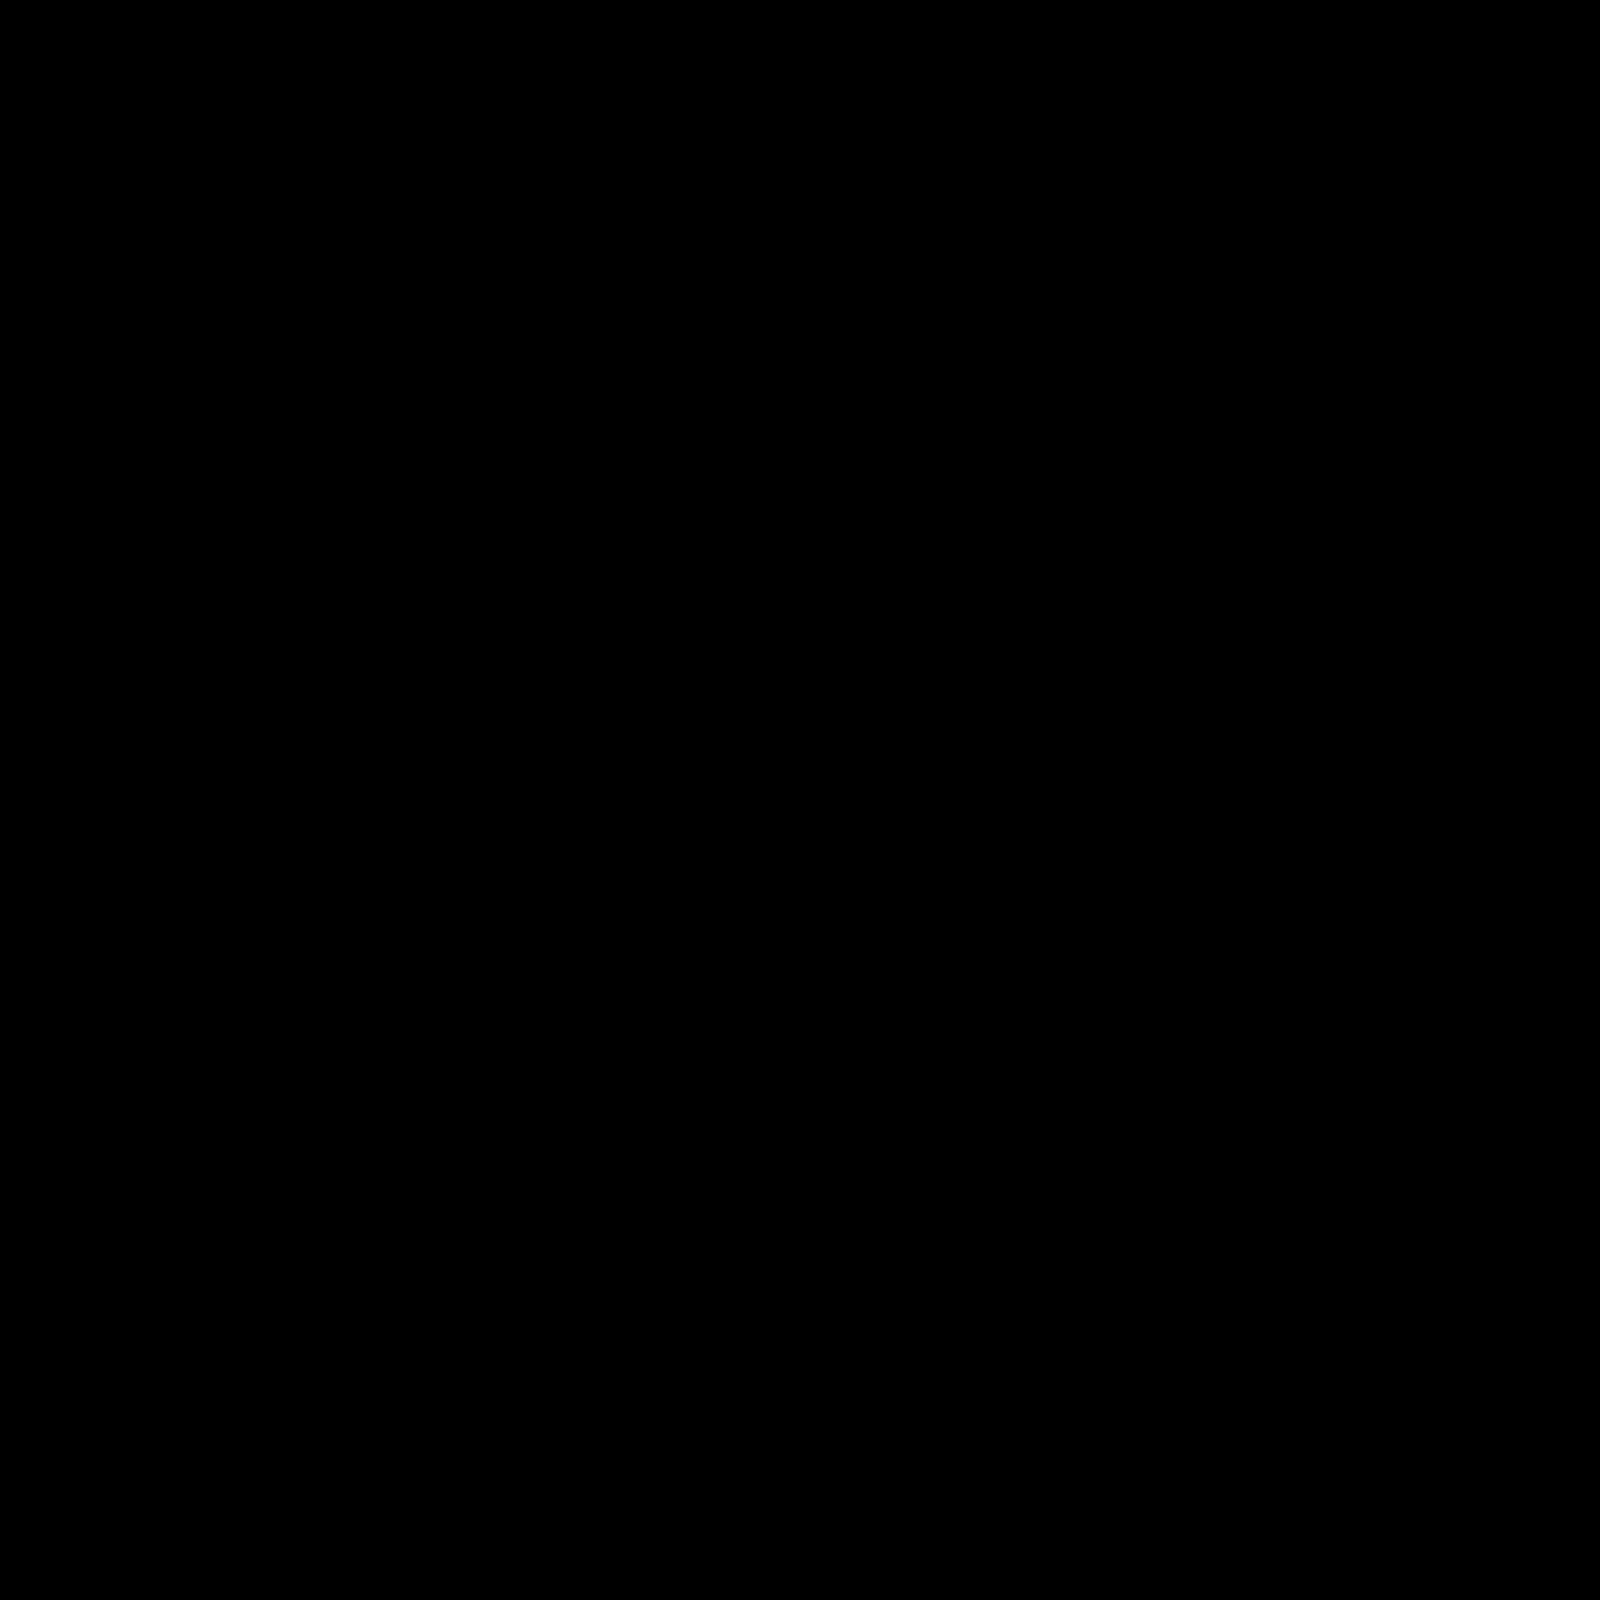 Nachricht gefüllt icon